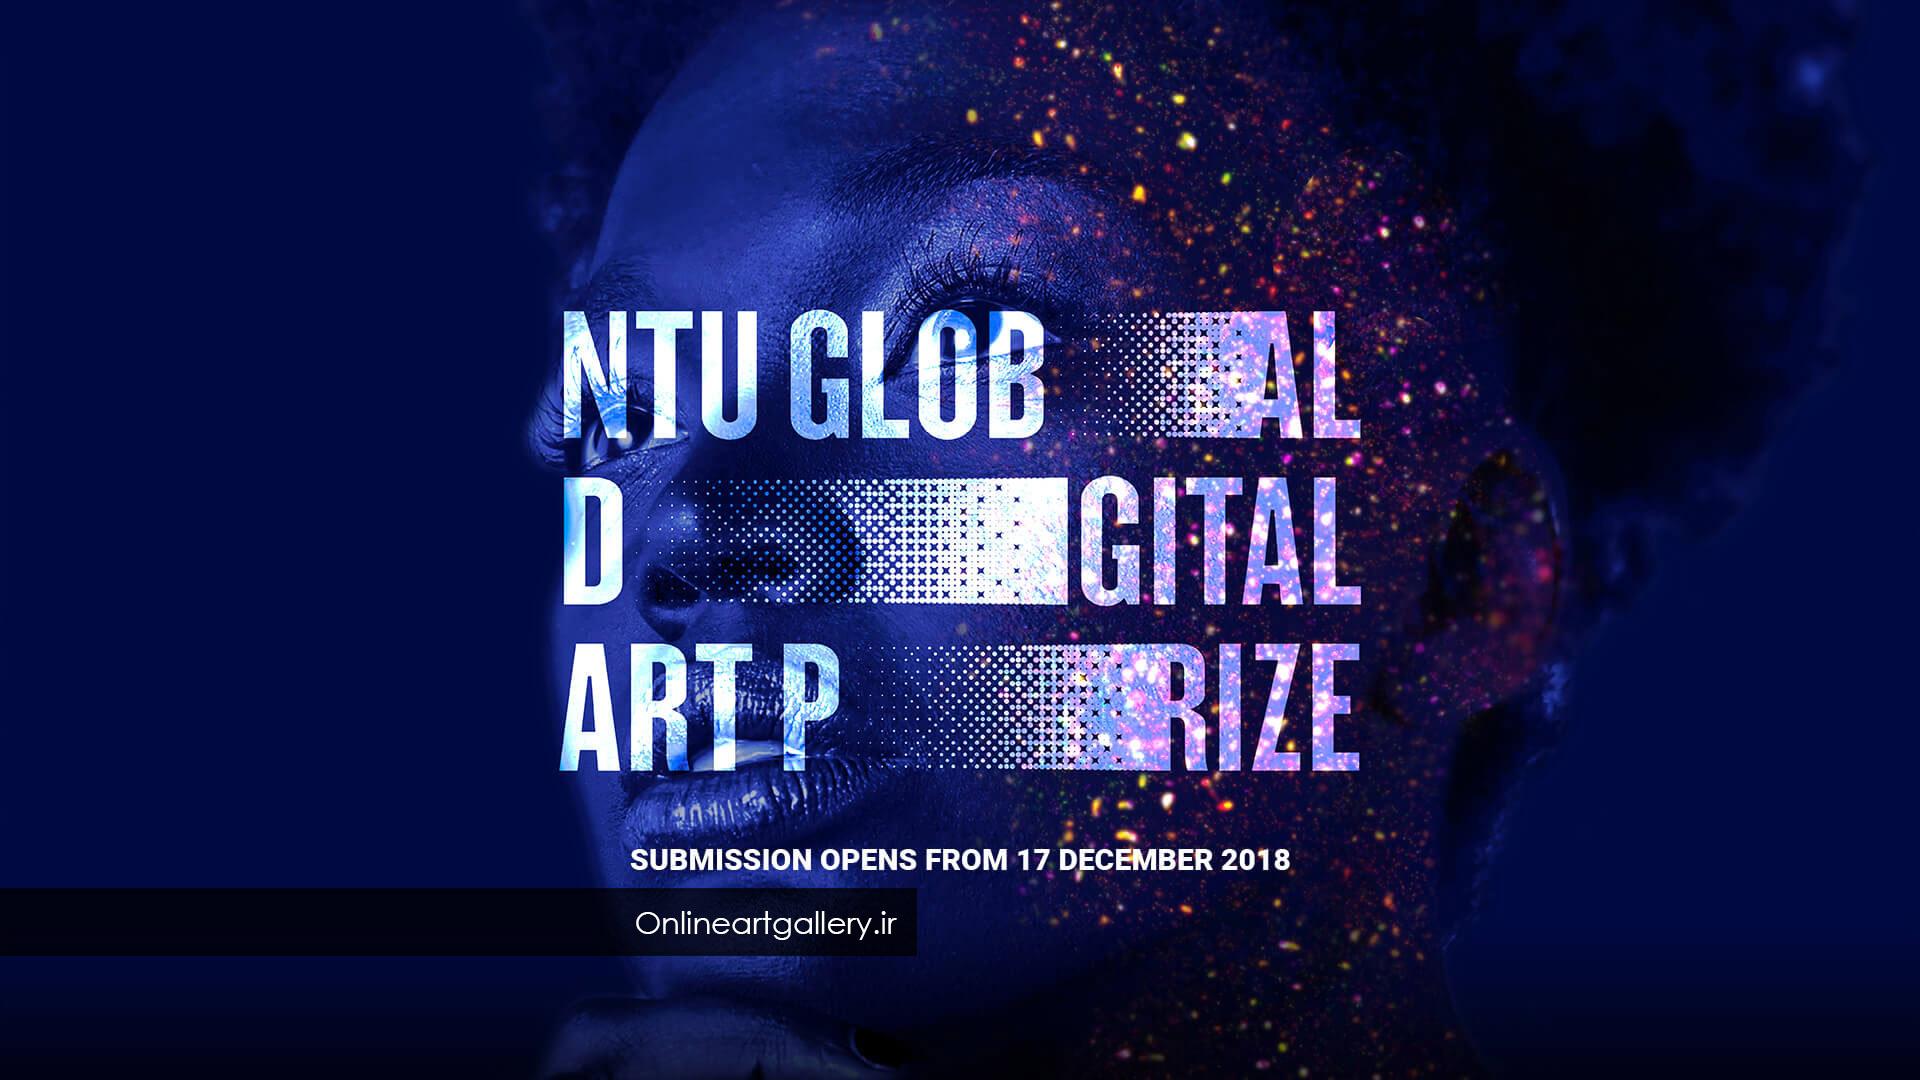 فراخوان جایزه بین المللی هنر دیجیتال NTU